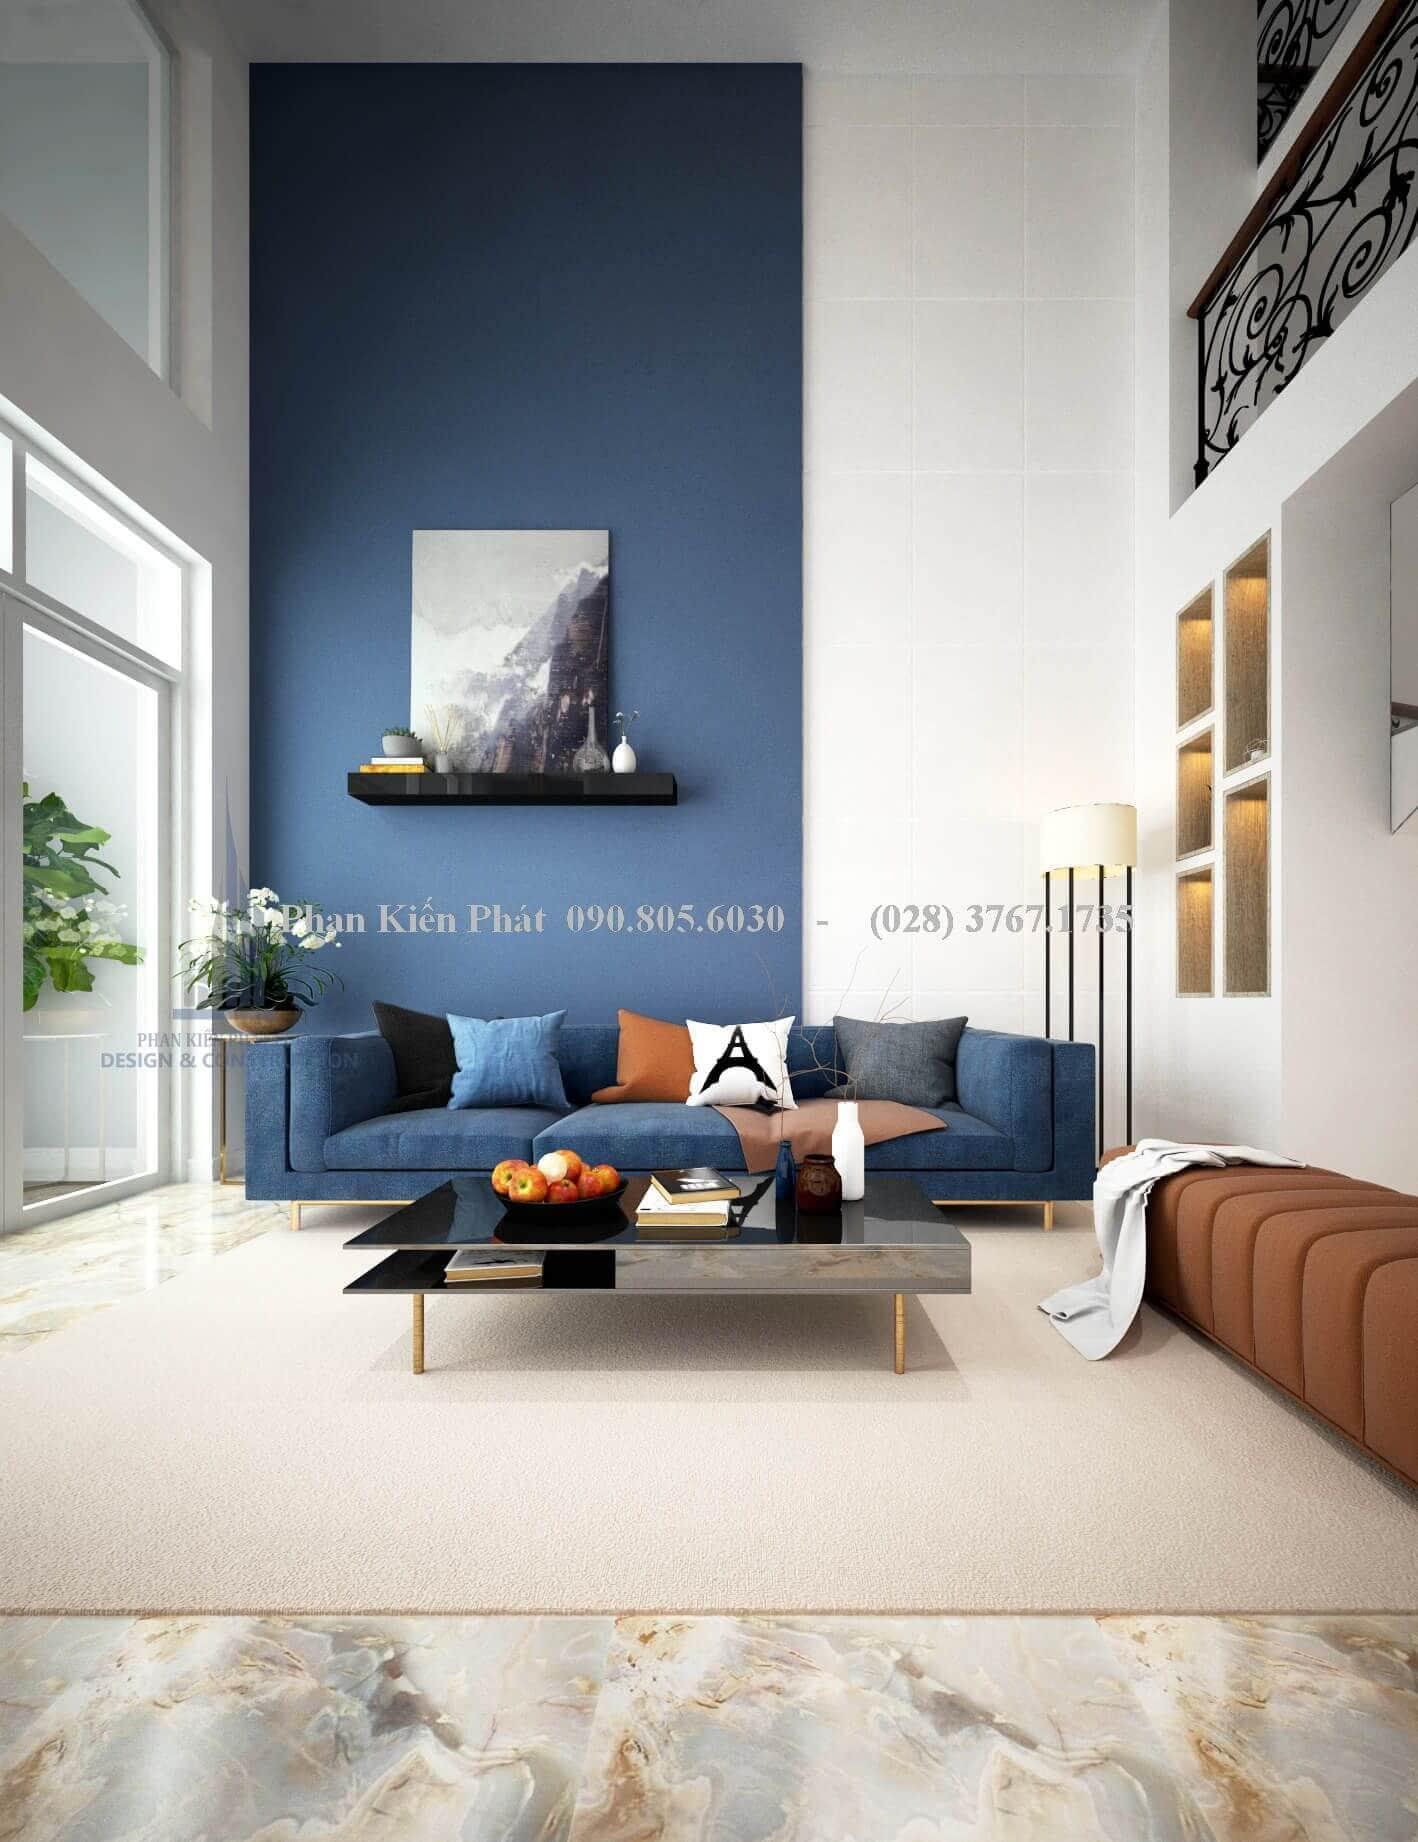 Phòng khách ấn tượng hơn với bộ ghế sofa xanh navy đẹp